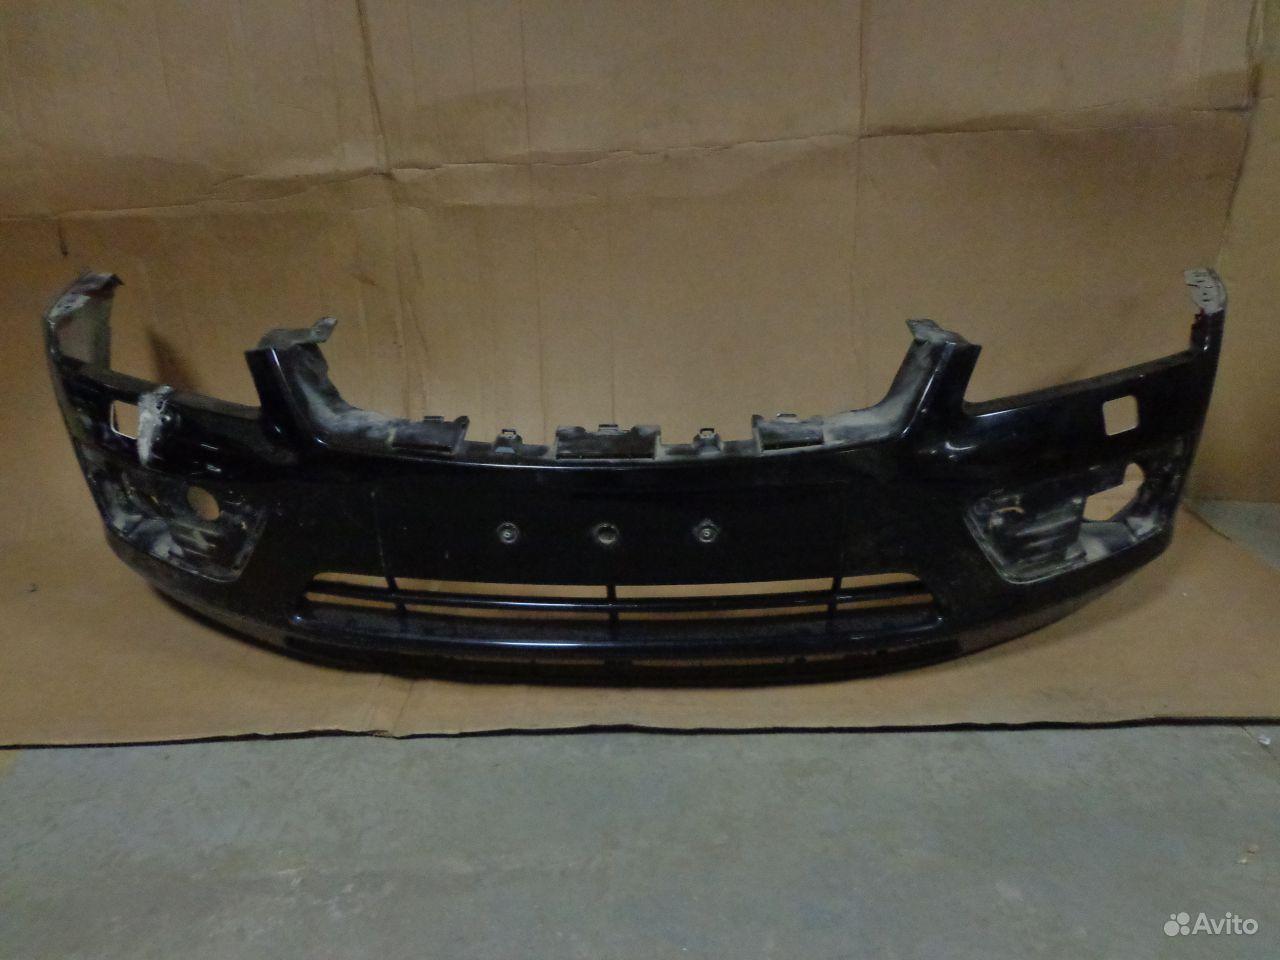 Юбка переднего бампера ford mondeo 3 5 фотография